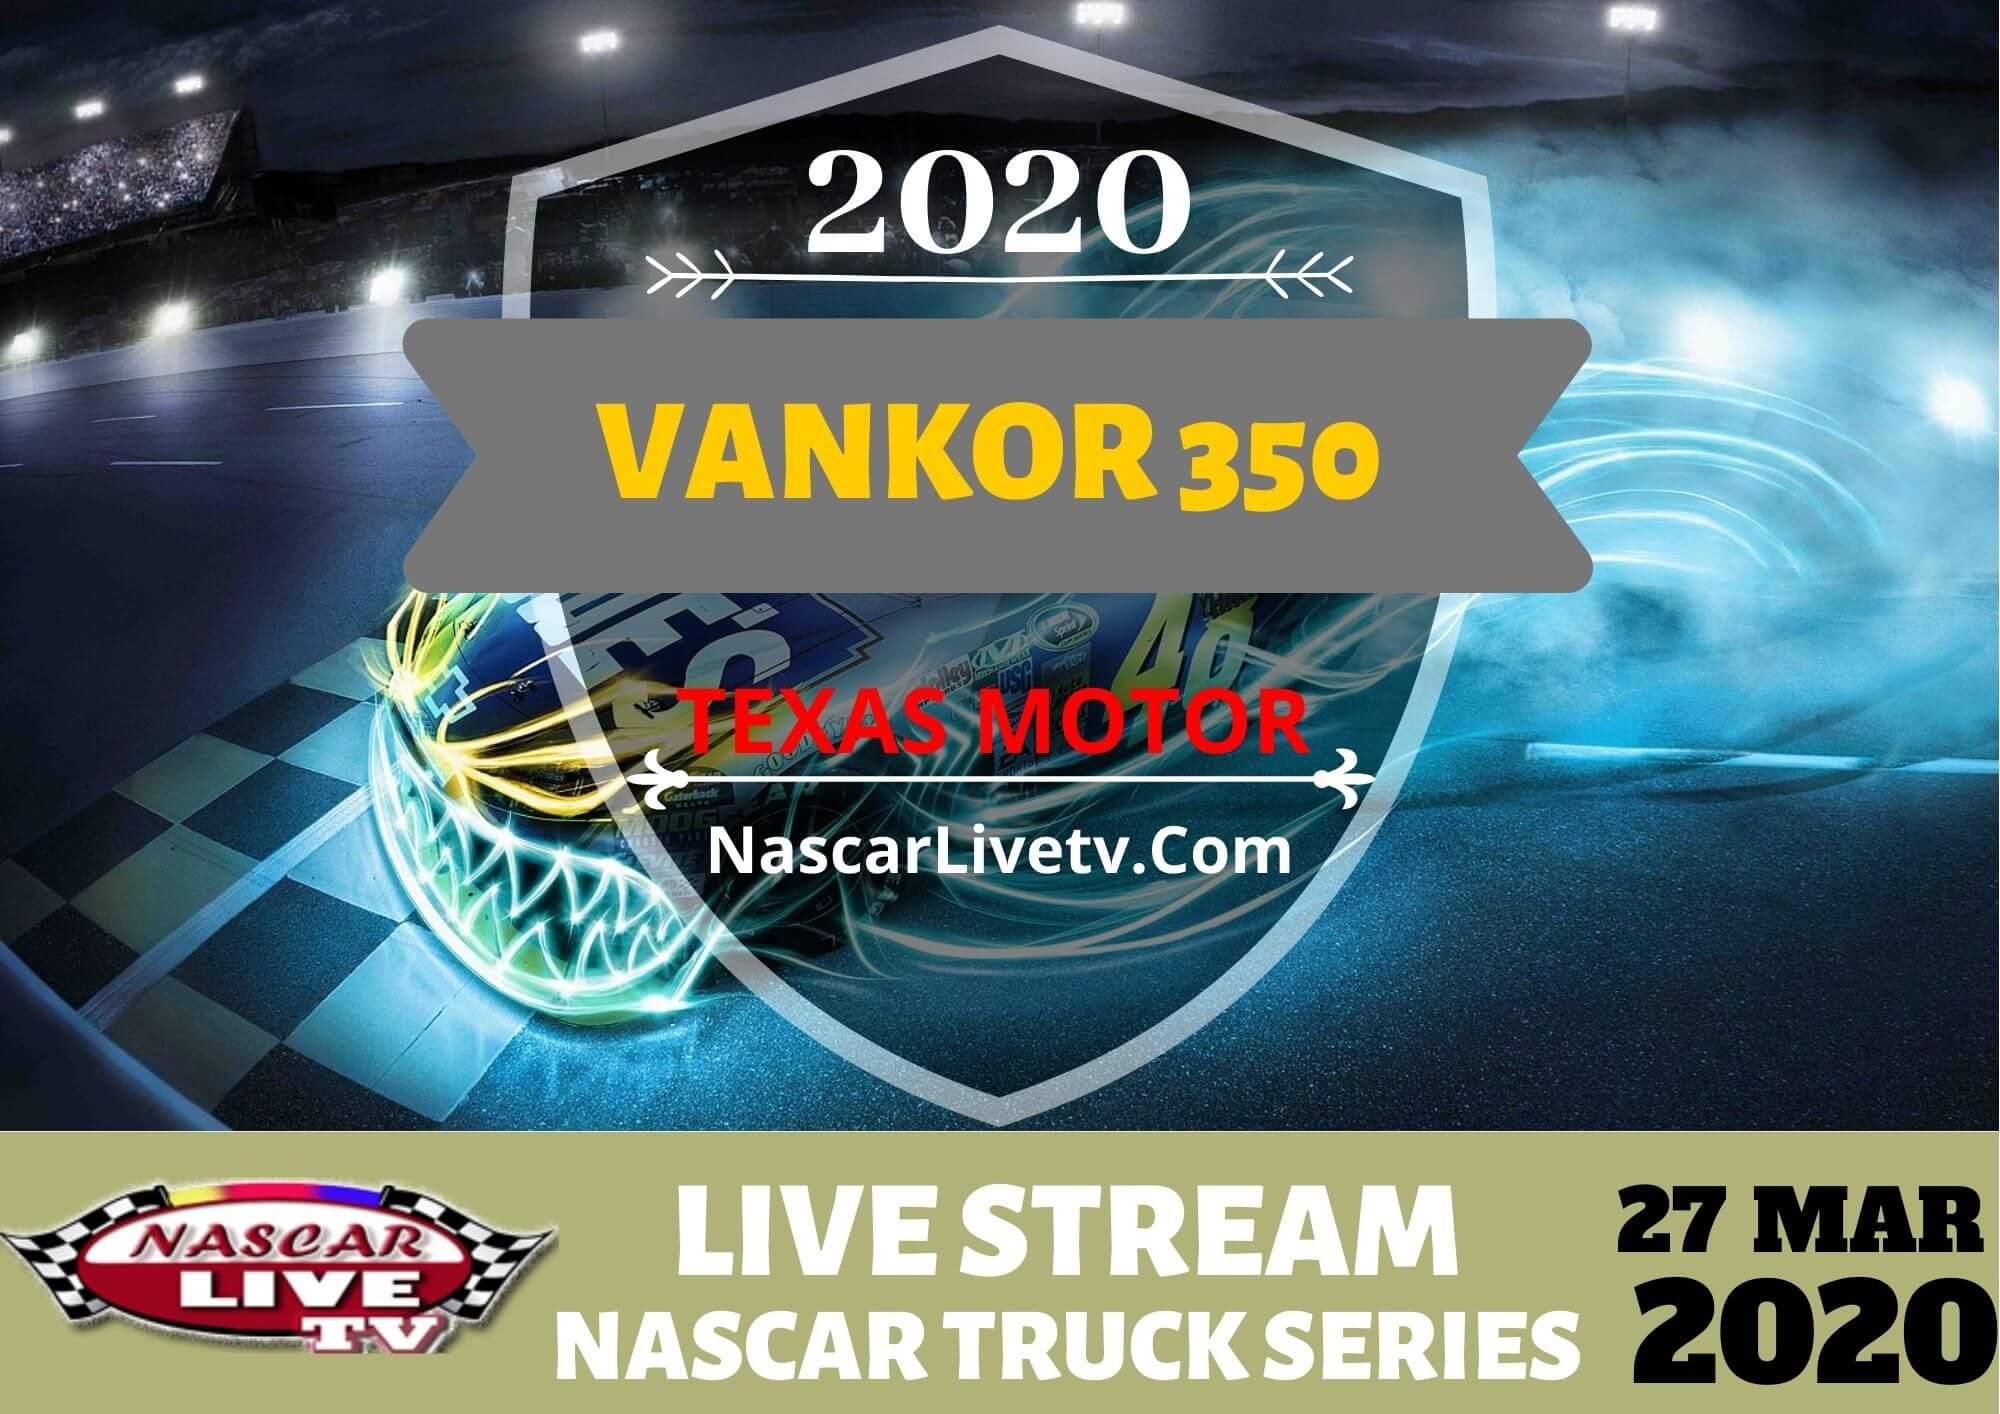 NGOTS Vankor 350 Live Stream 2020